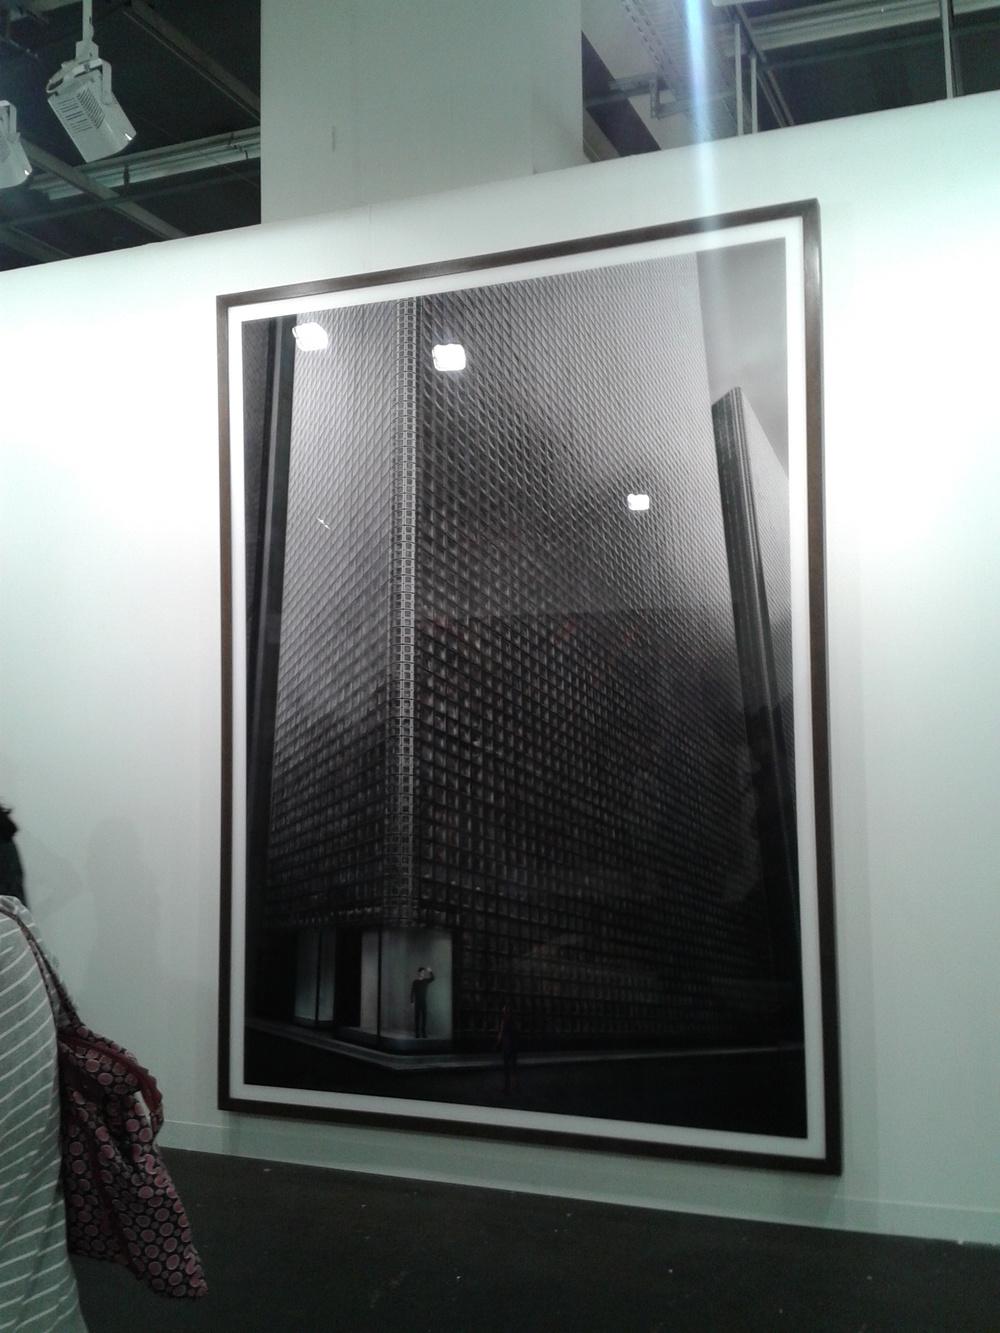 Art Basel 2014 (13).jpg